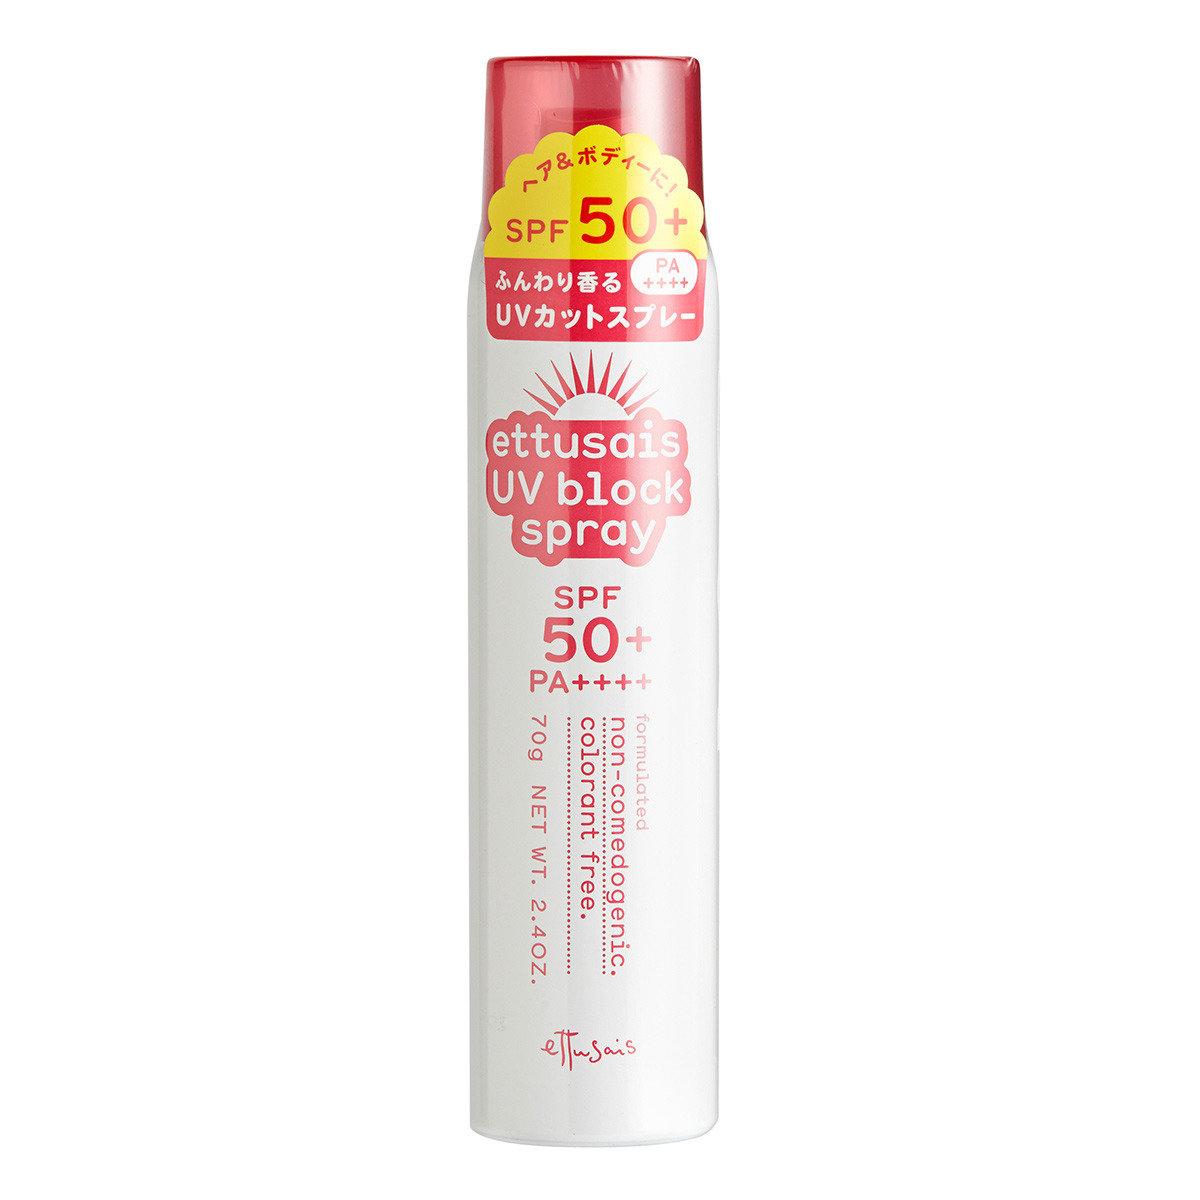 高效防曬噴霧 SPF50+ PA++++